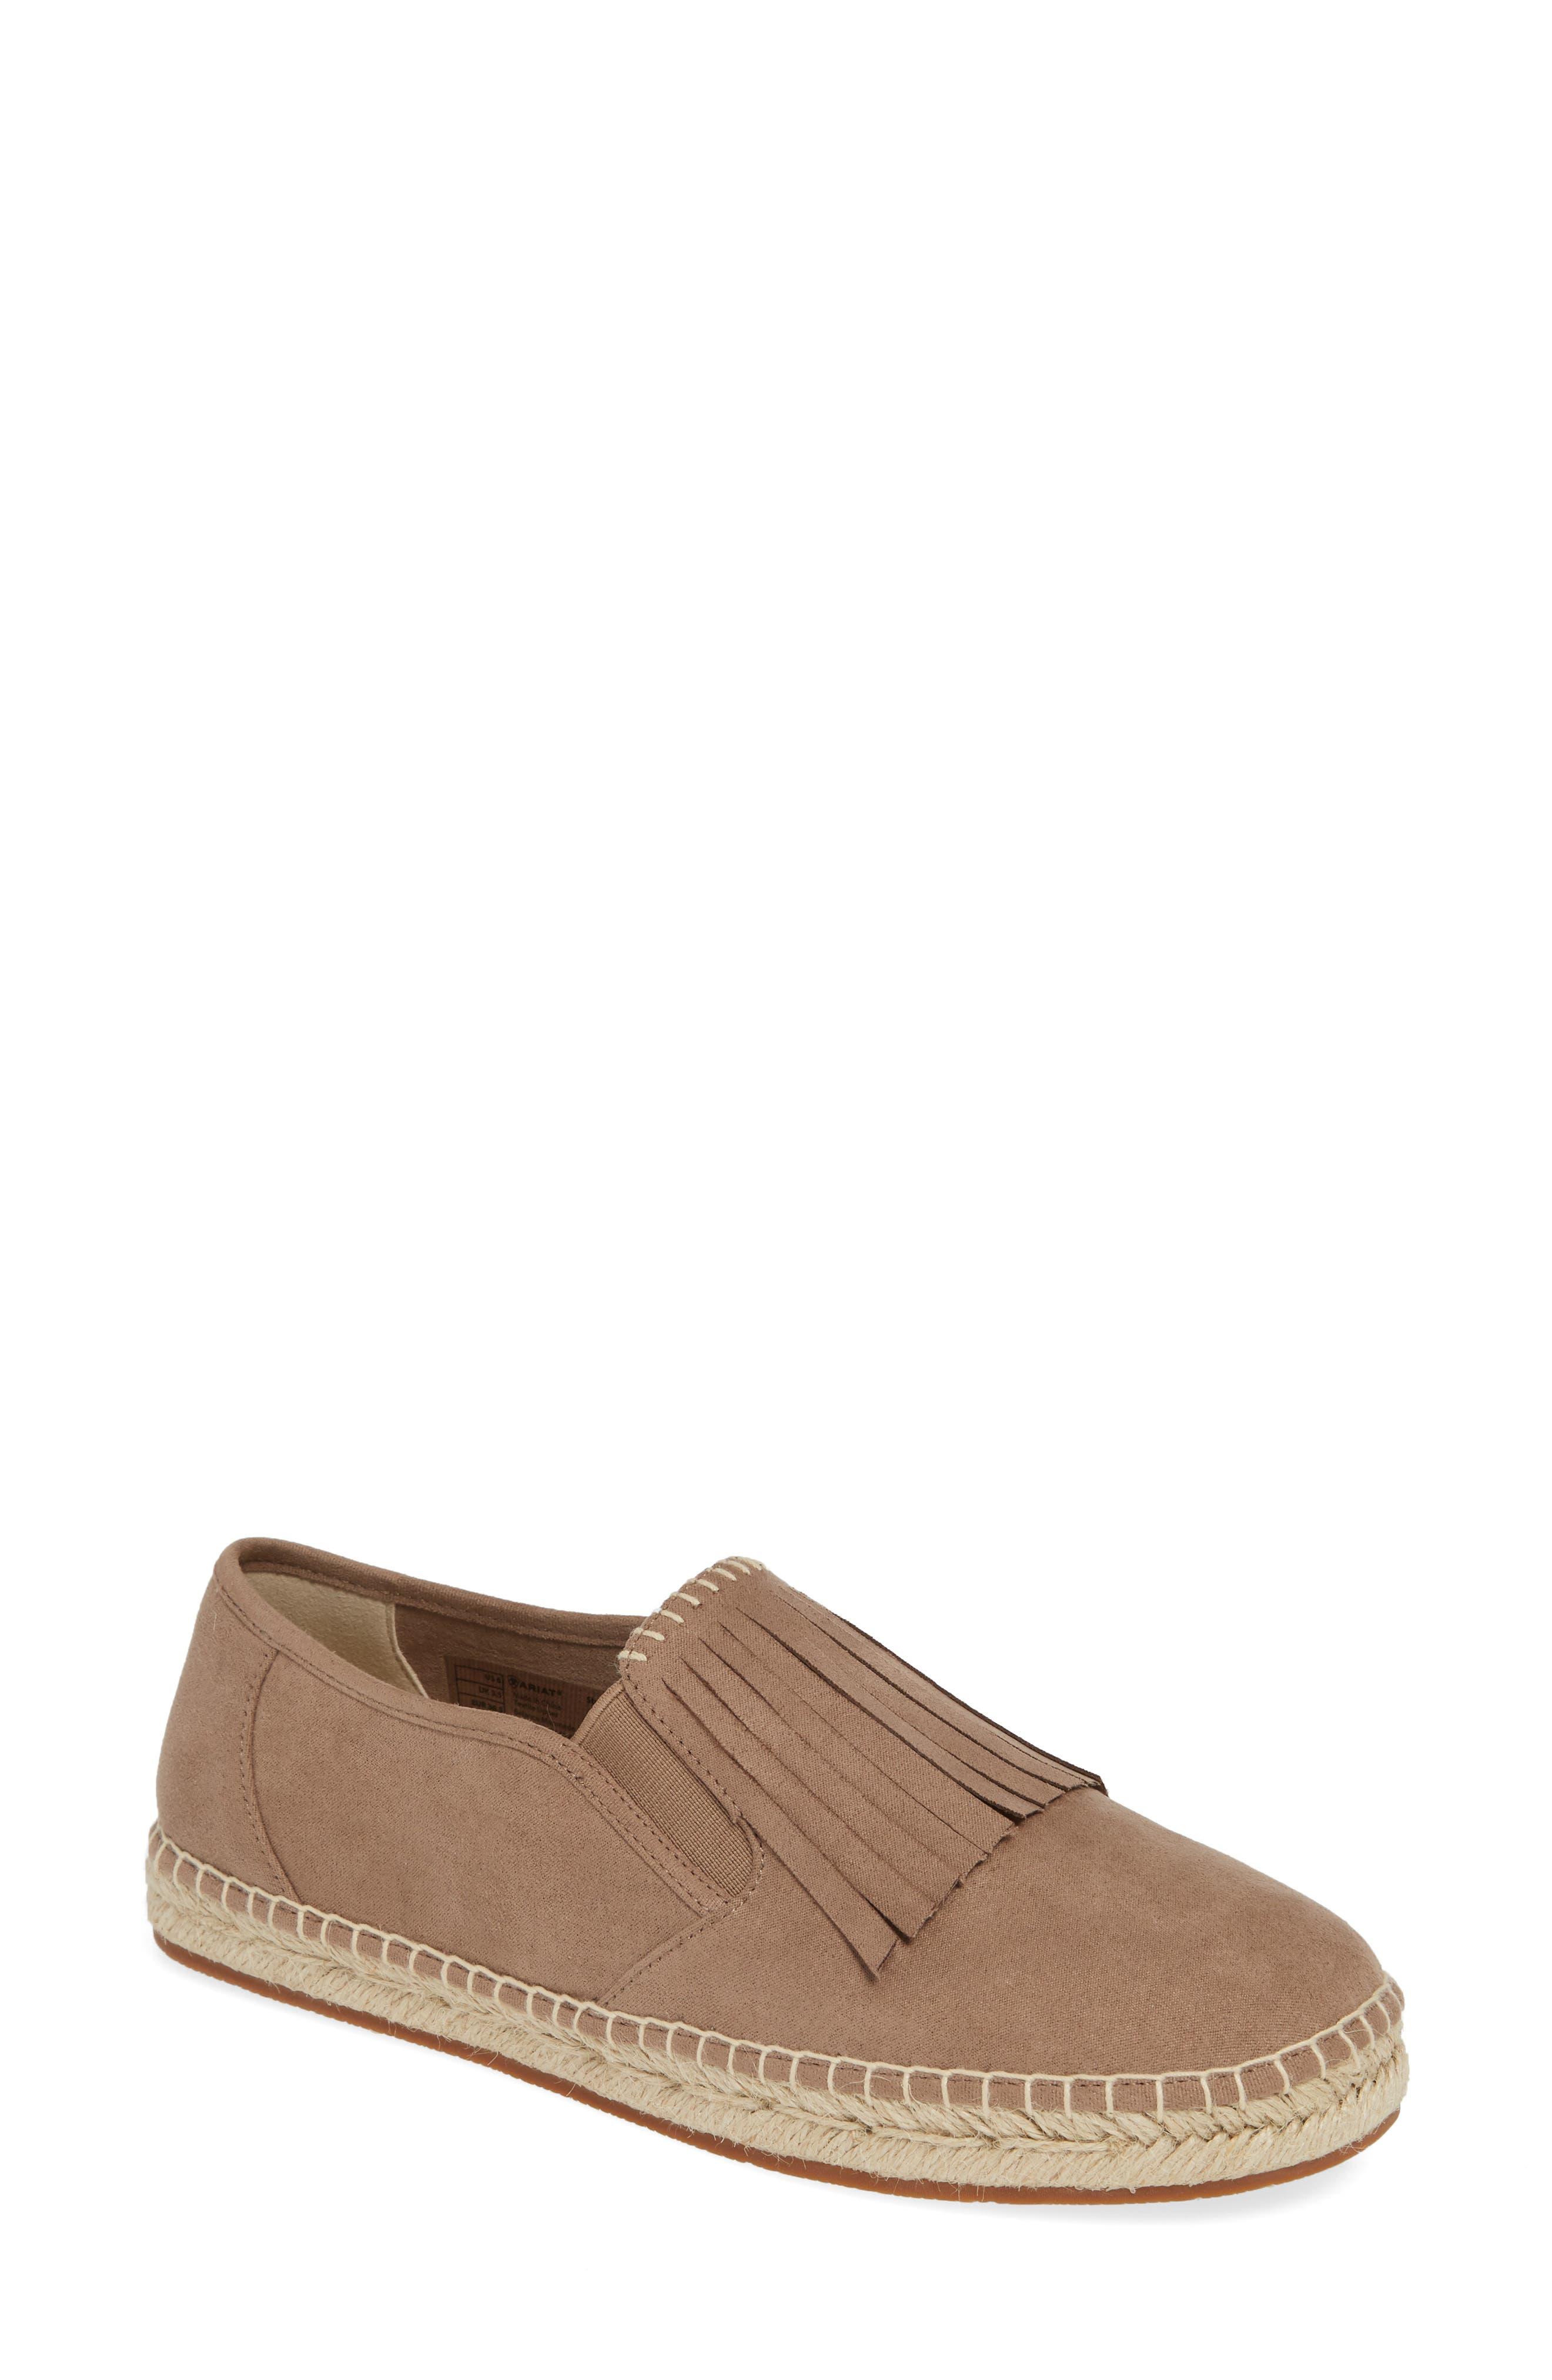 Ariat Joy Kiltie Slip-On Sneaker- Beige